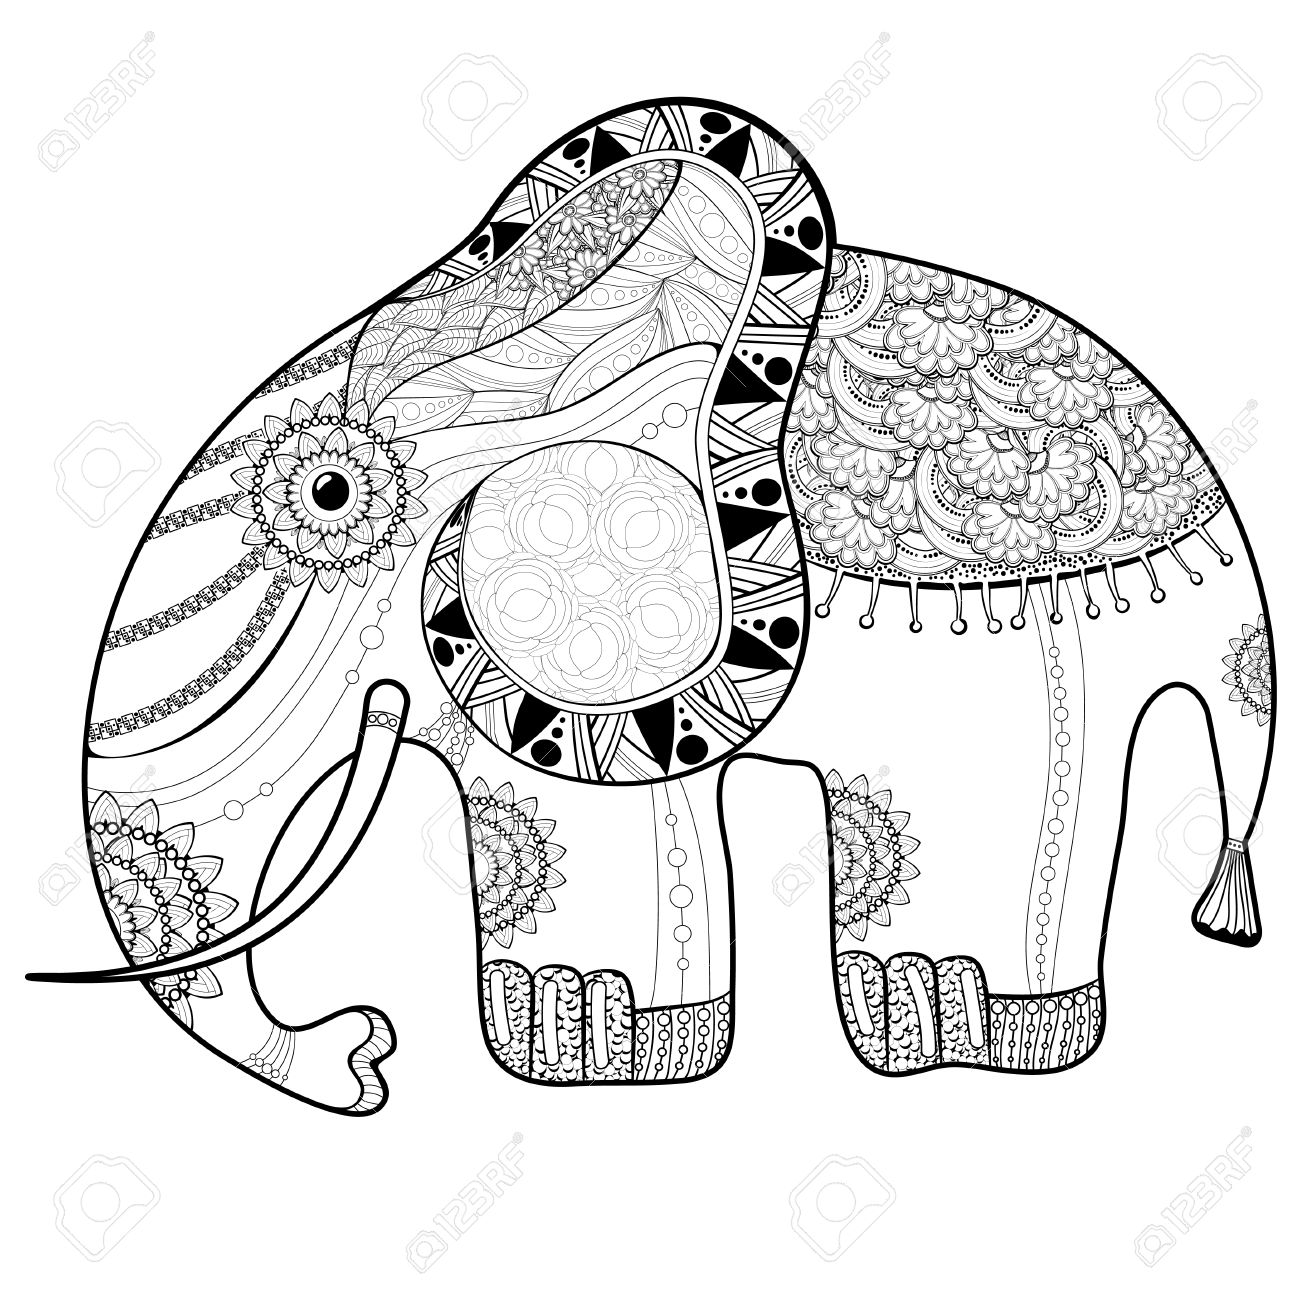 Coloriage Animaux Totem.Coloriage Livre Pour Adultes L Elephant Ethnique Antipattern De